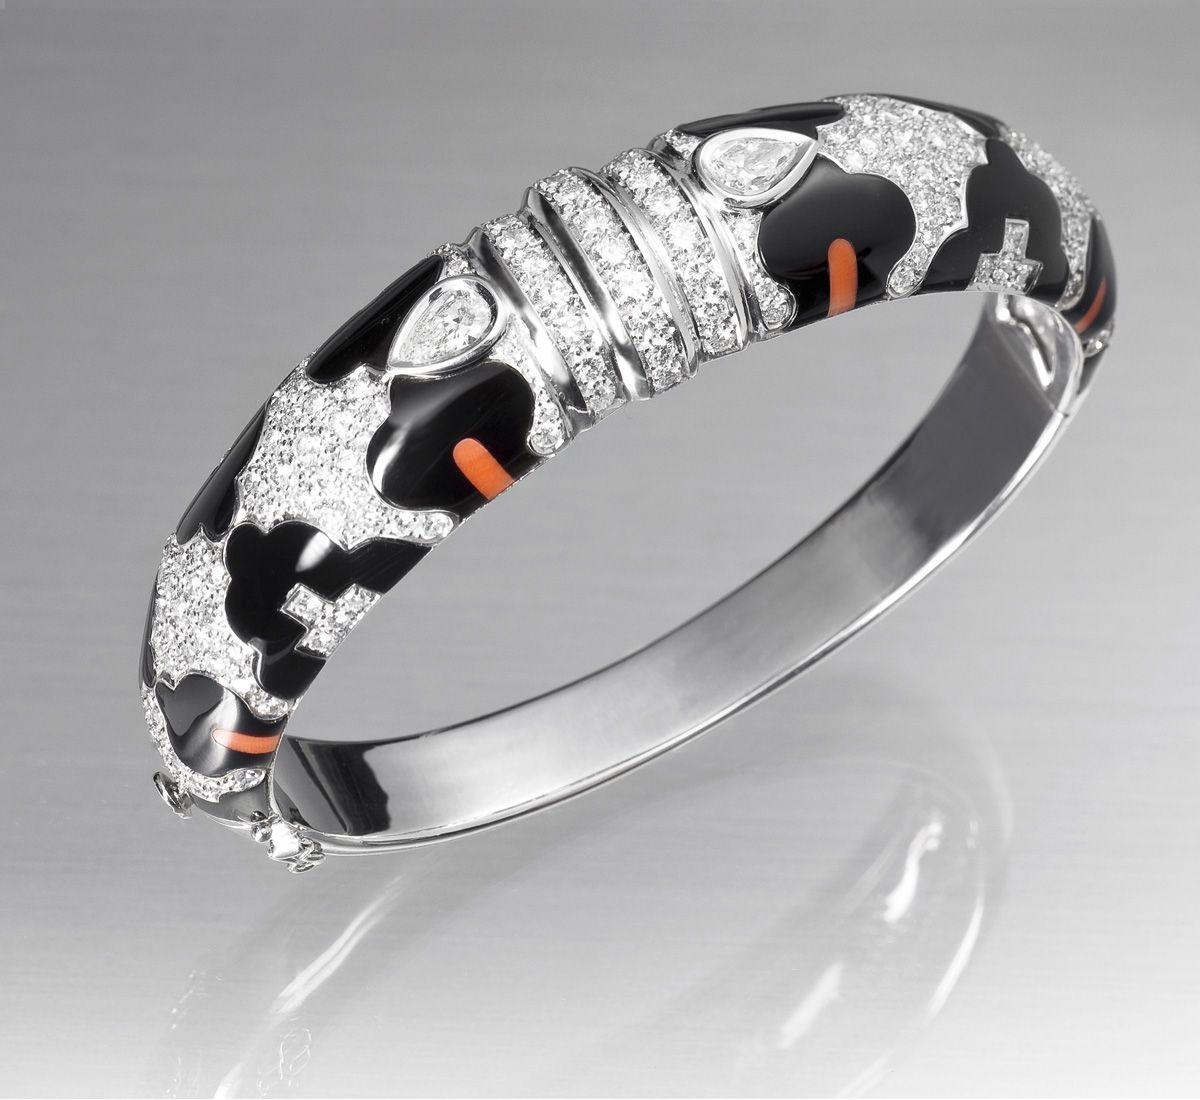 Brazalete de diamantes, ónix y coral leopardo (parte de un juego) Brazalete de oro blanco 1ª ley, ónix y coral leopardo engastados con diamantes talla brillante